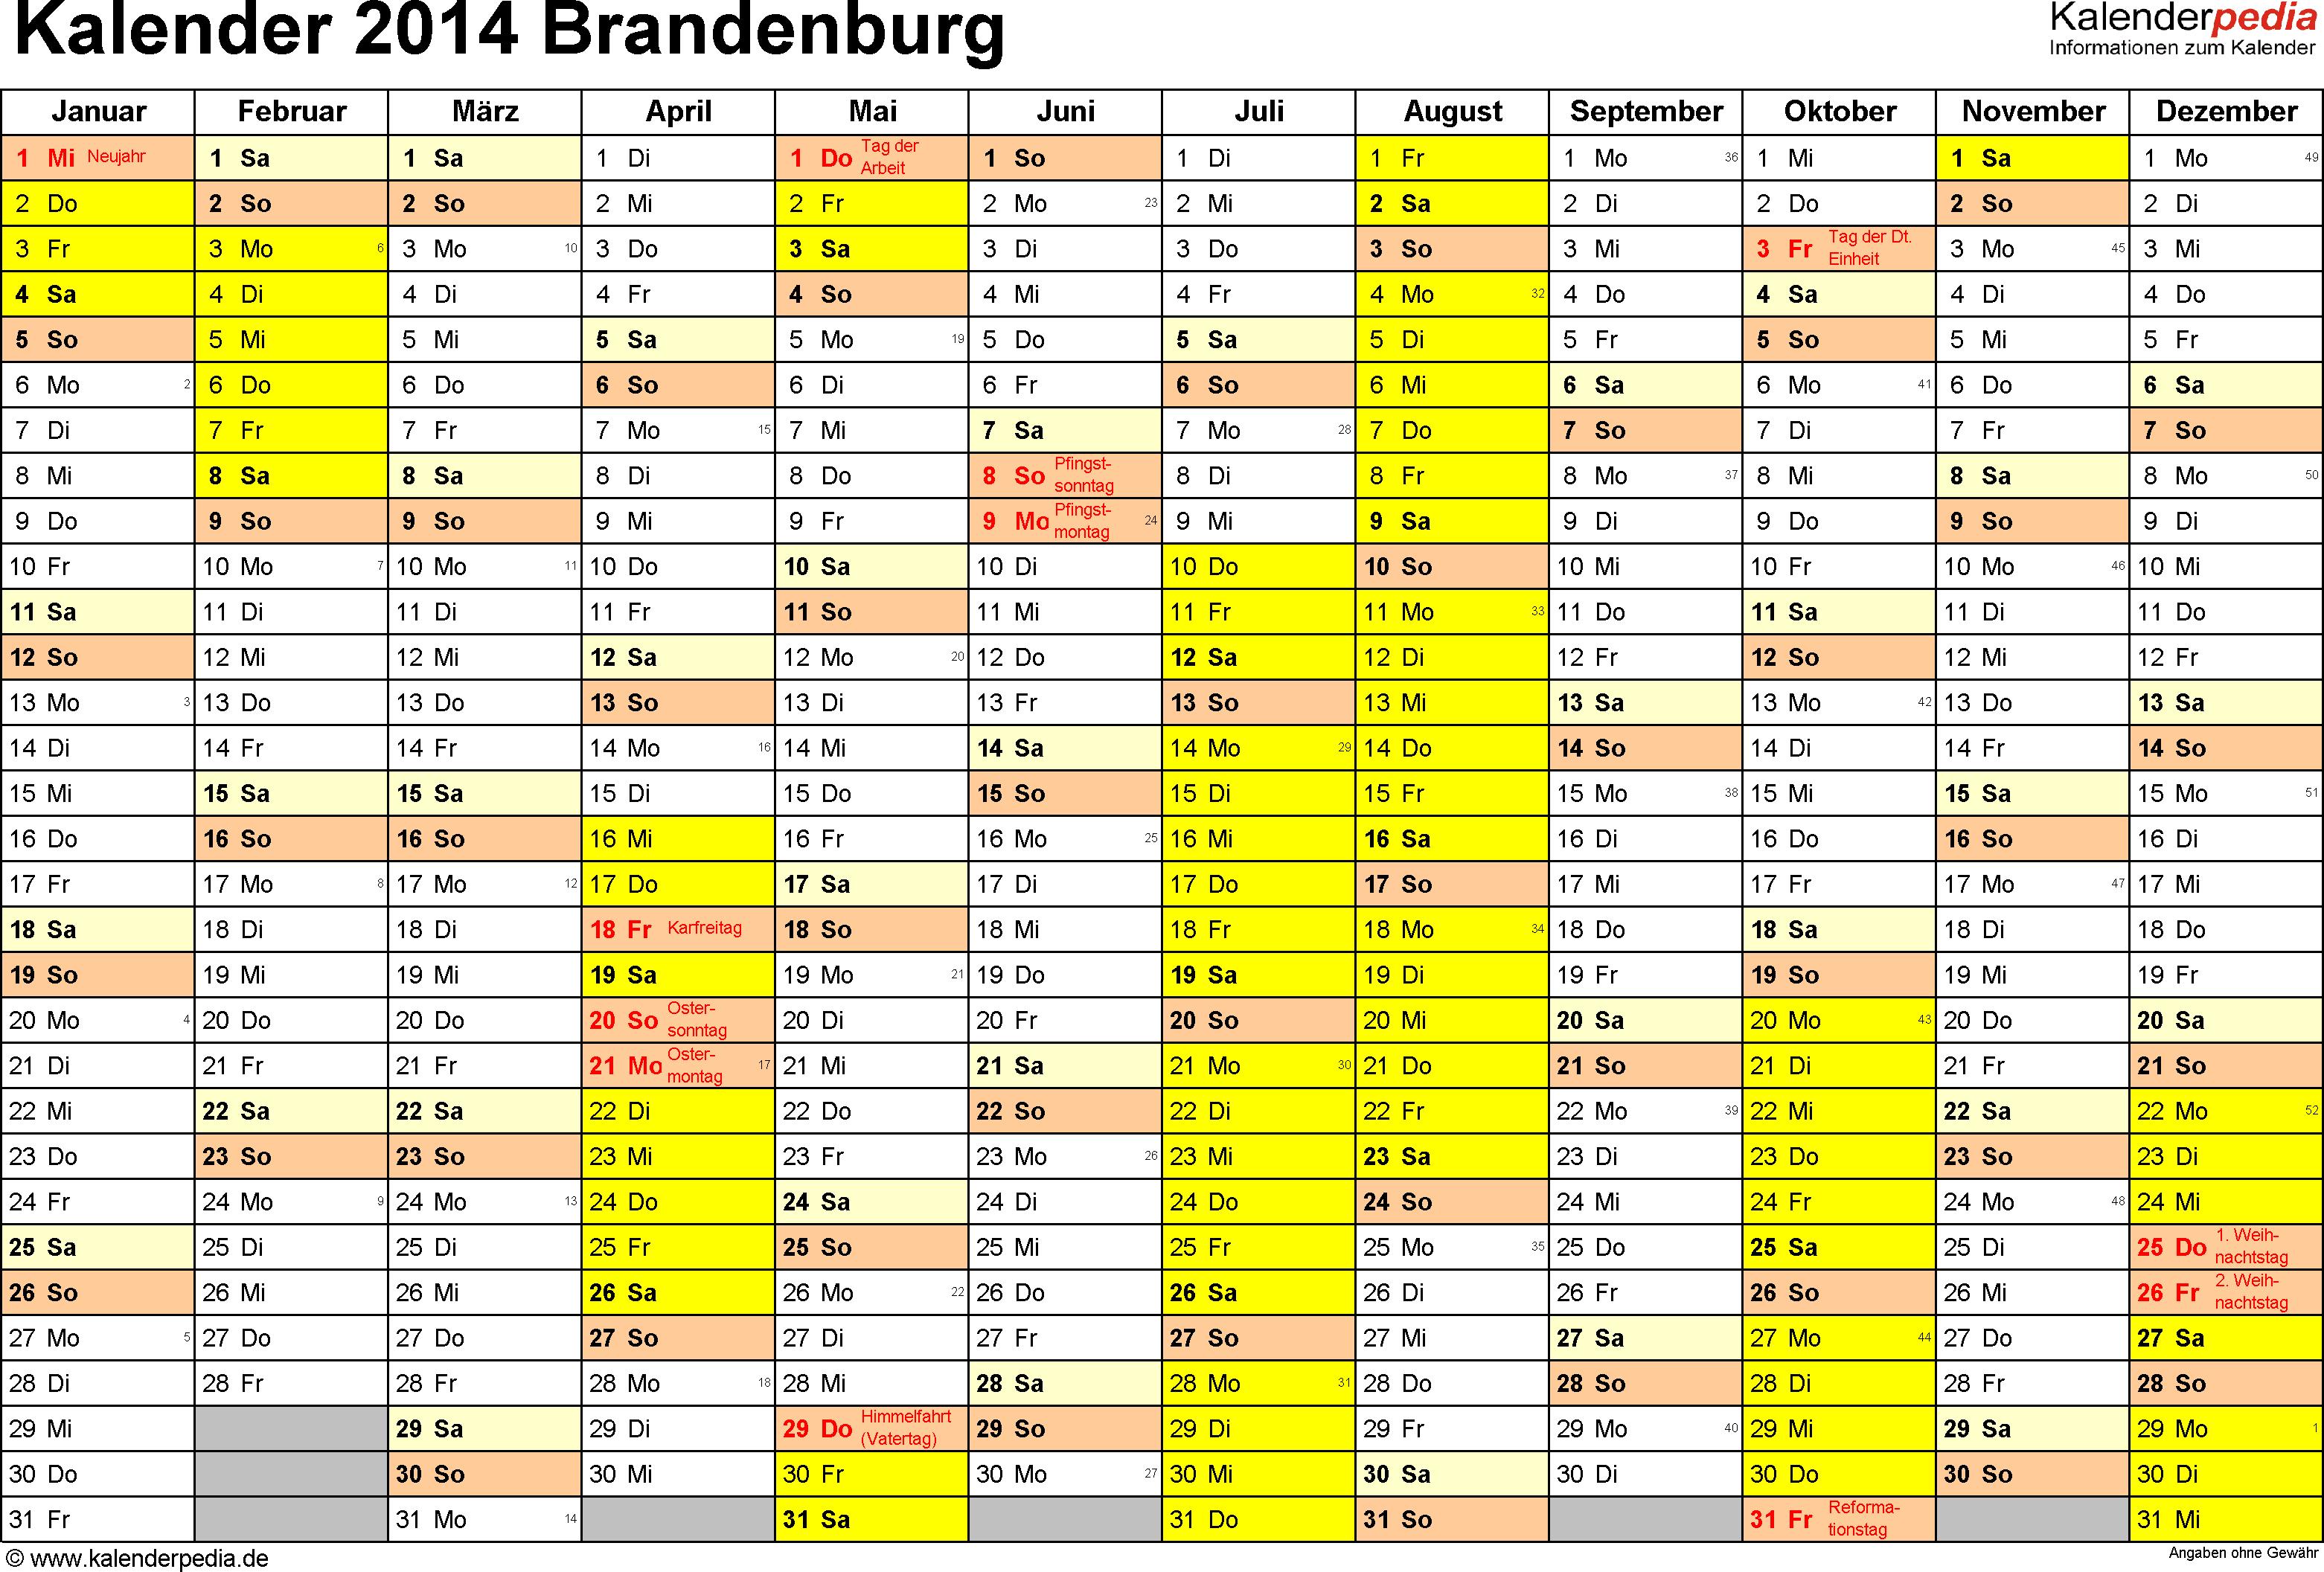 Vorlage 1: Kalender 2014 für Brandenburg als Excel-Vorlagen (Querformat, 1 Seite)